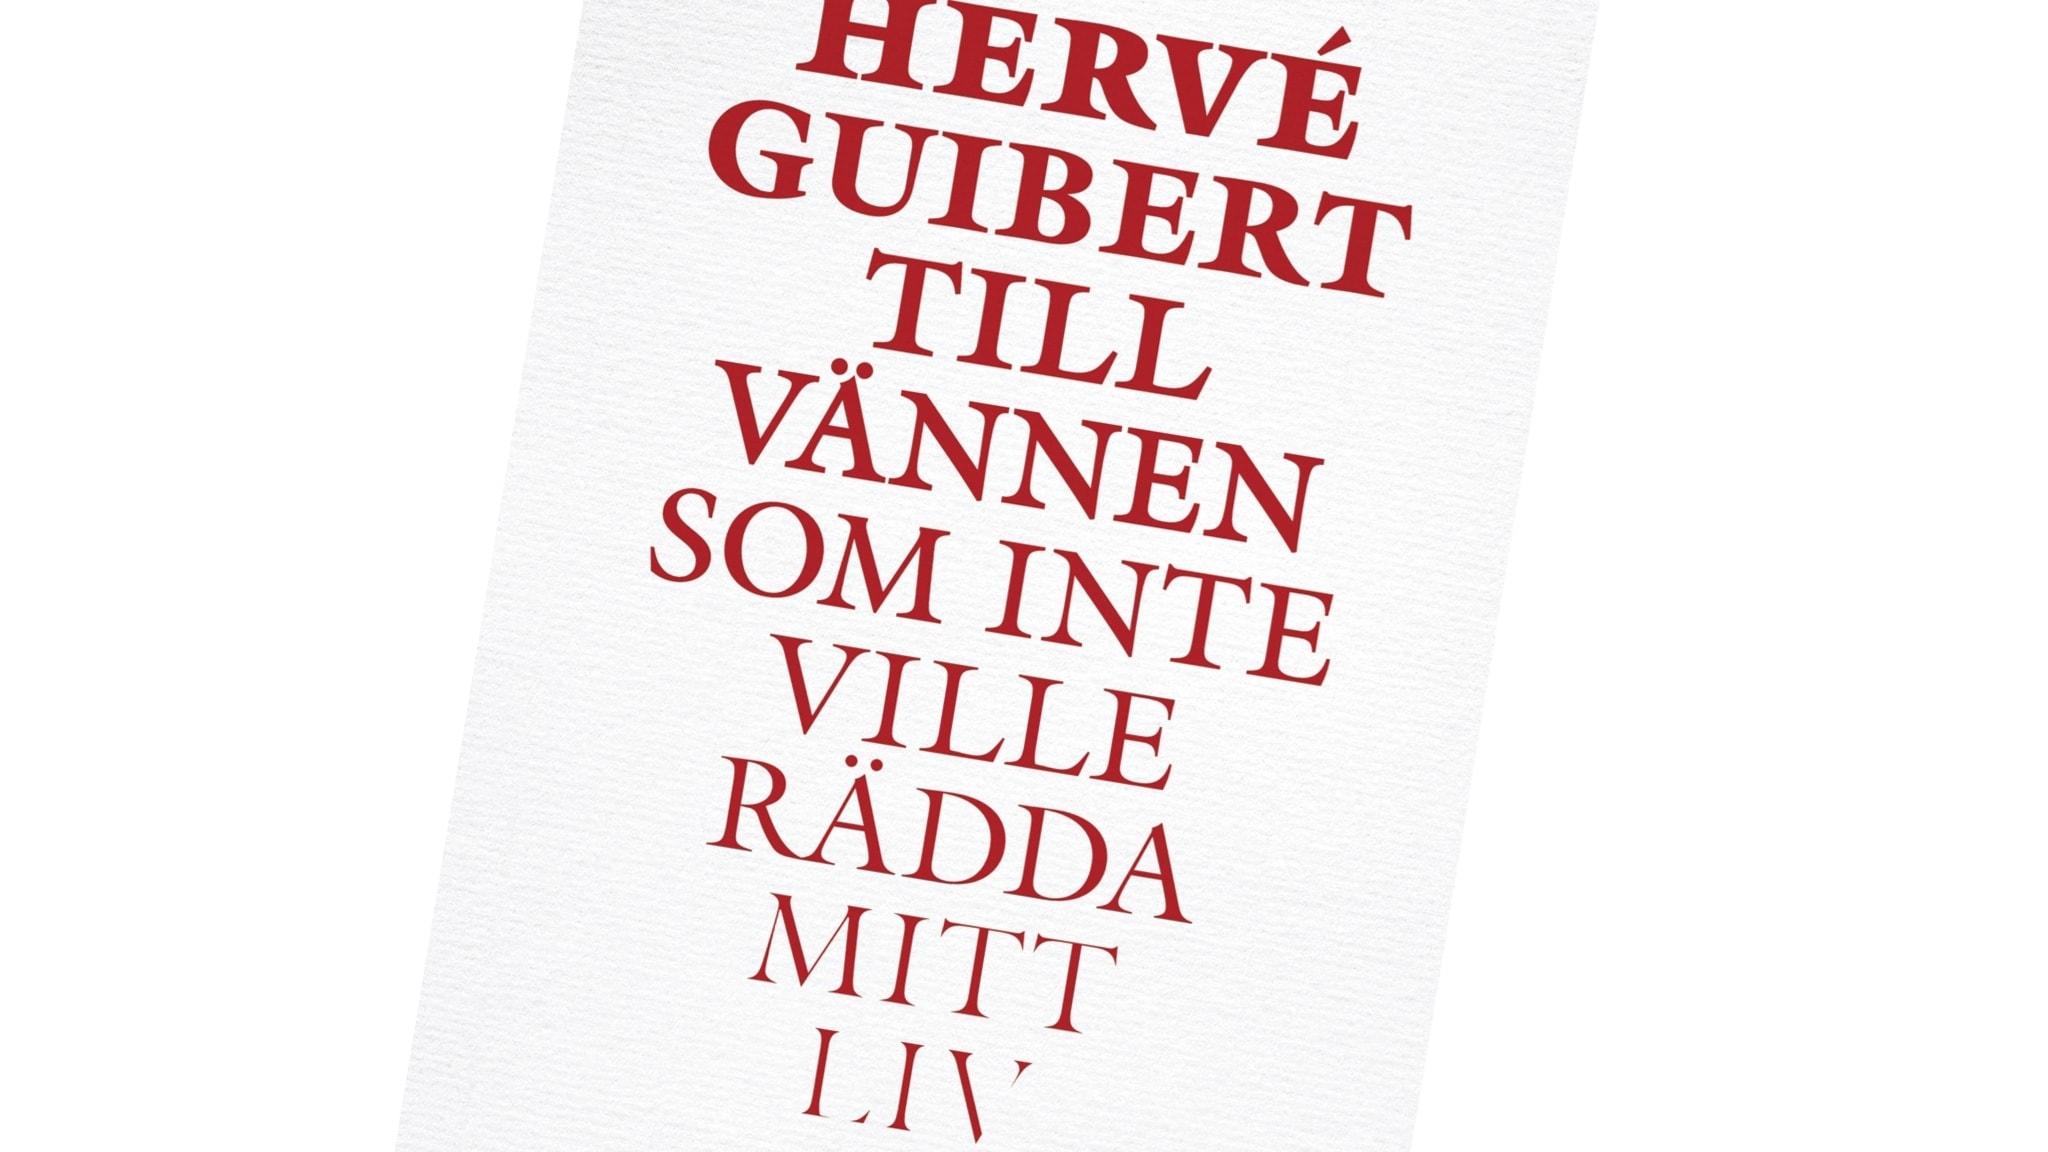 """""""Till vännen som inte ville rädda mitt liv"""" av Hervé Guibert i nyutgåva. Foto: Atlas förlag"""